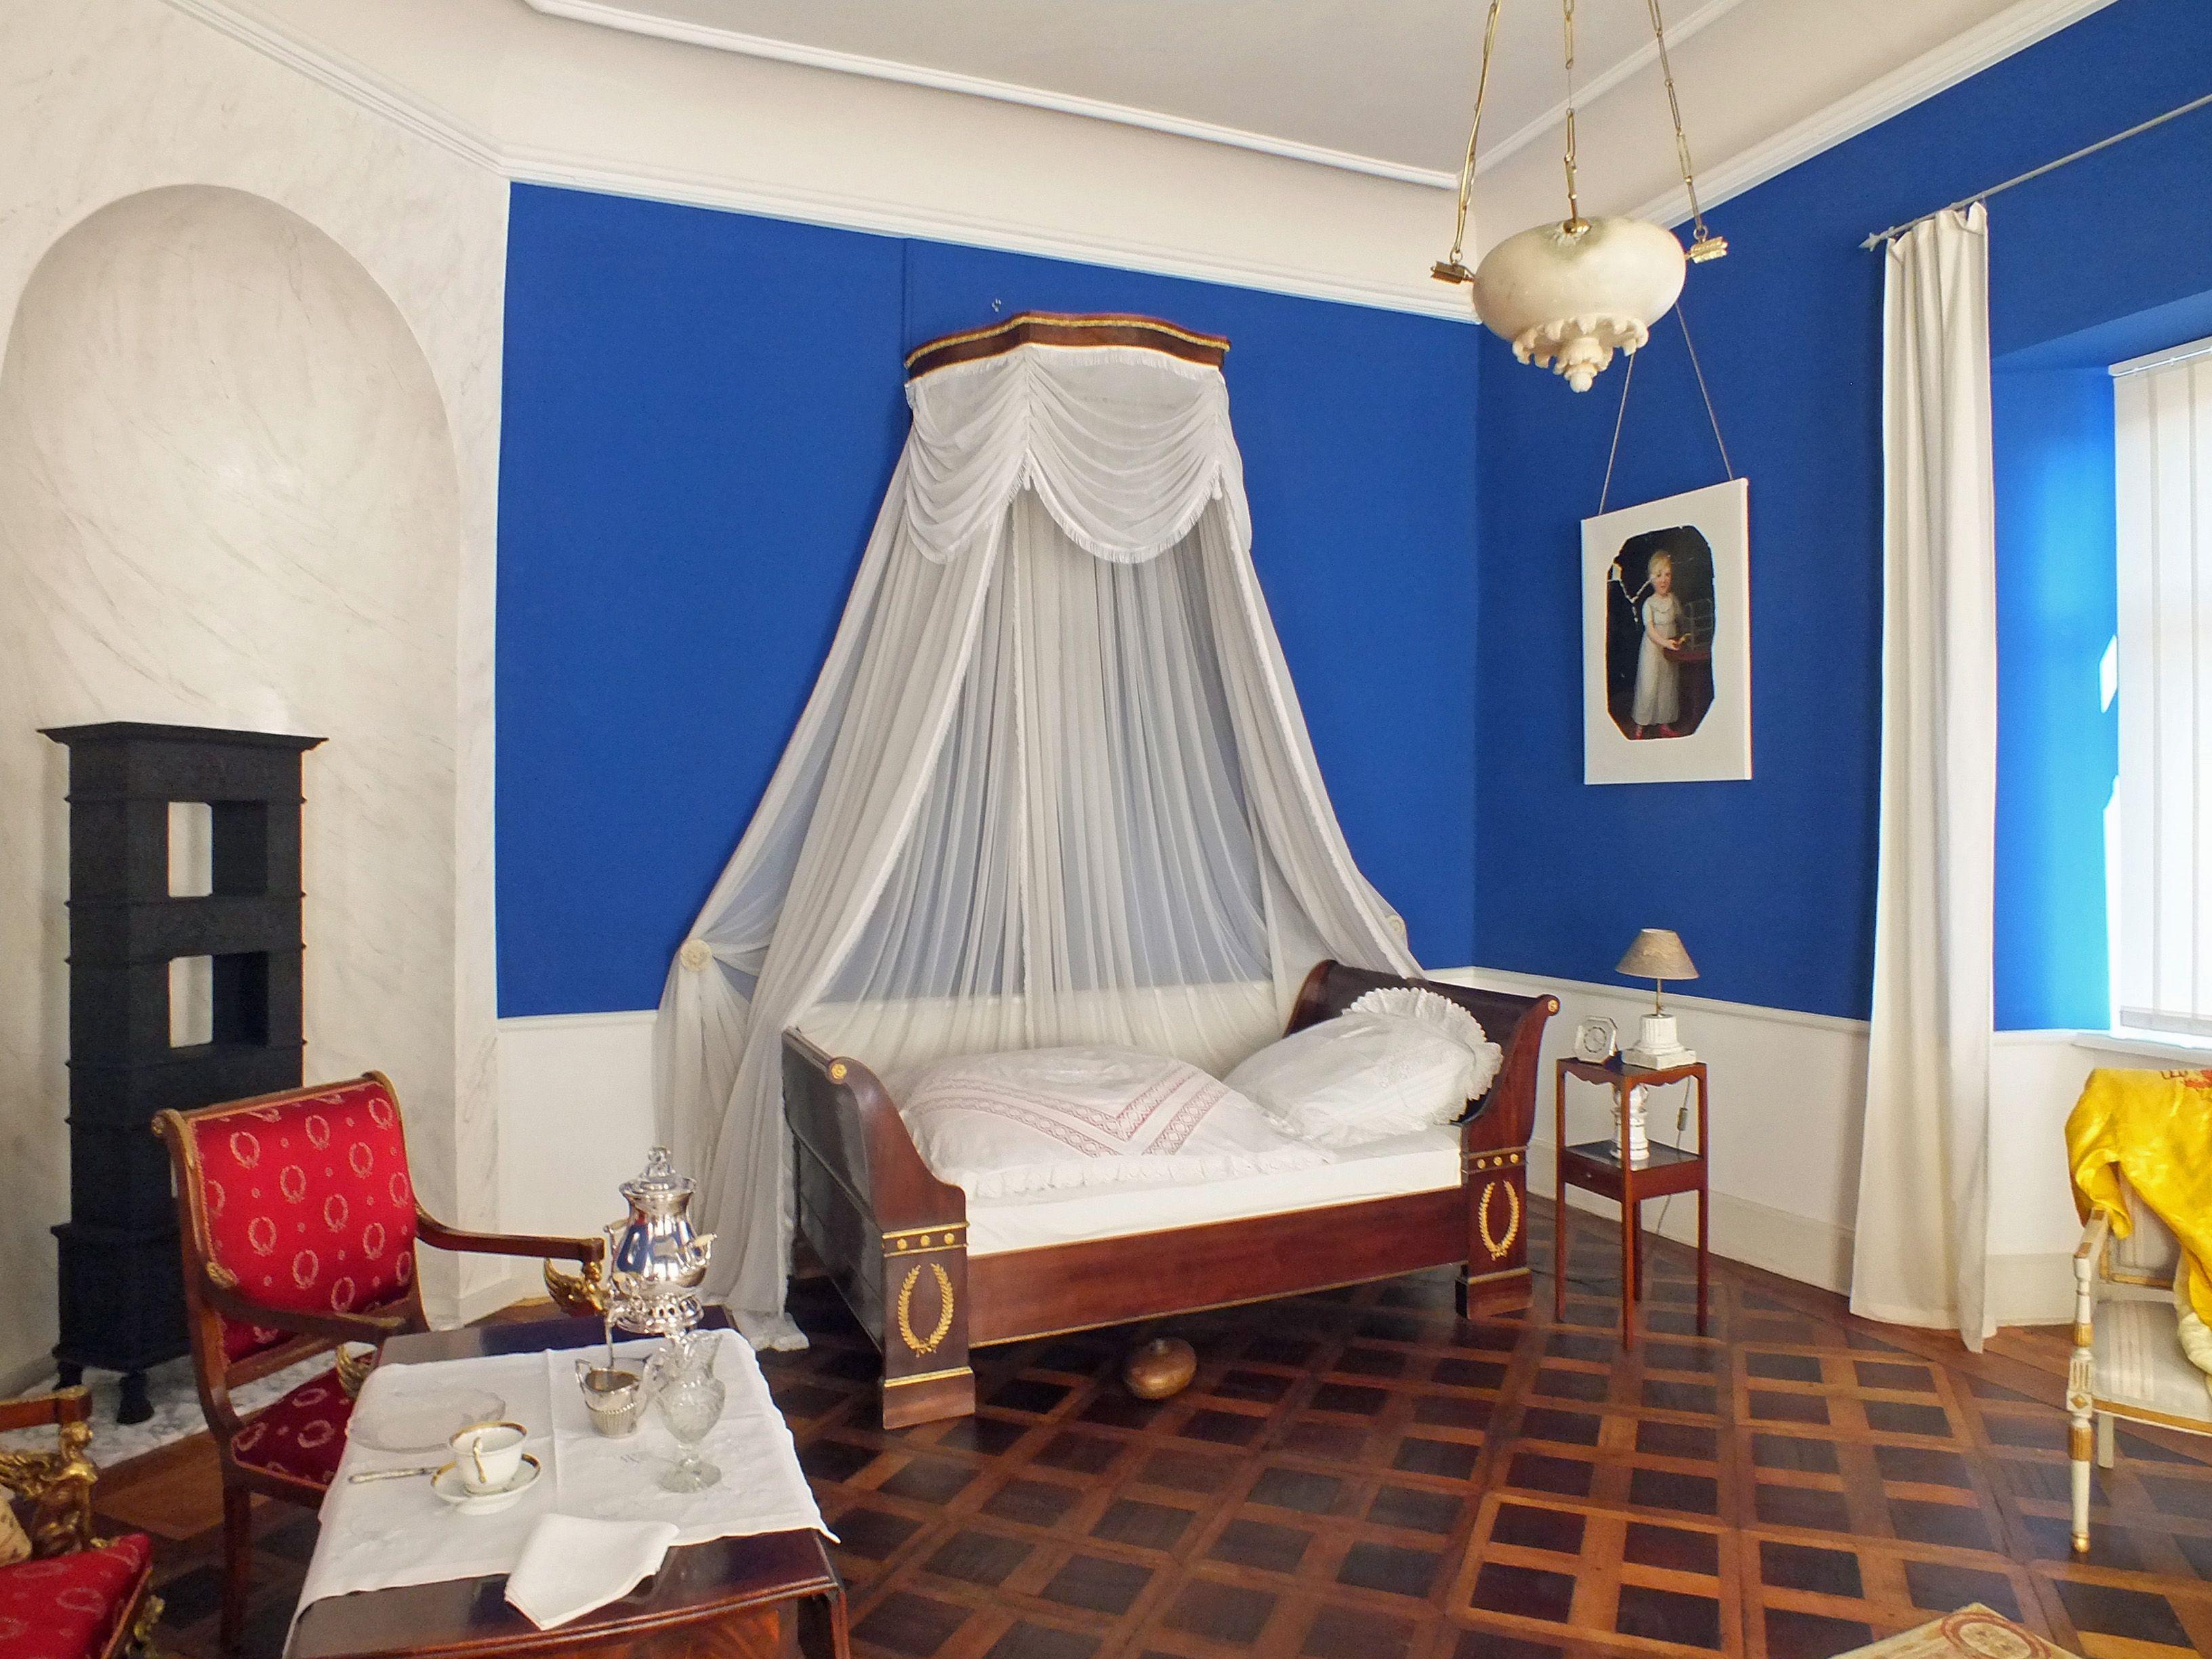 Datei:Schloss Ballenstedt Schlafzimmer.jpg – Wikipedia